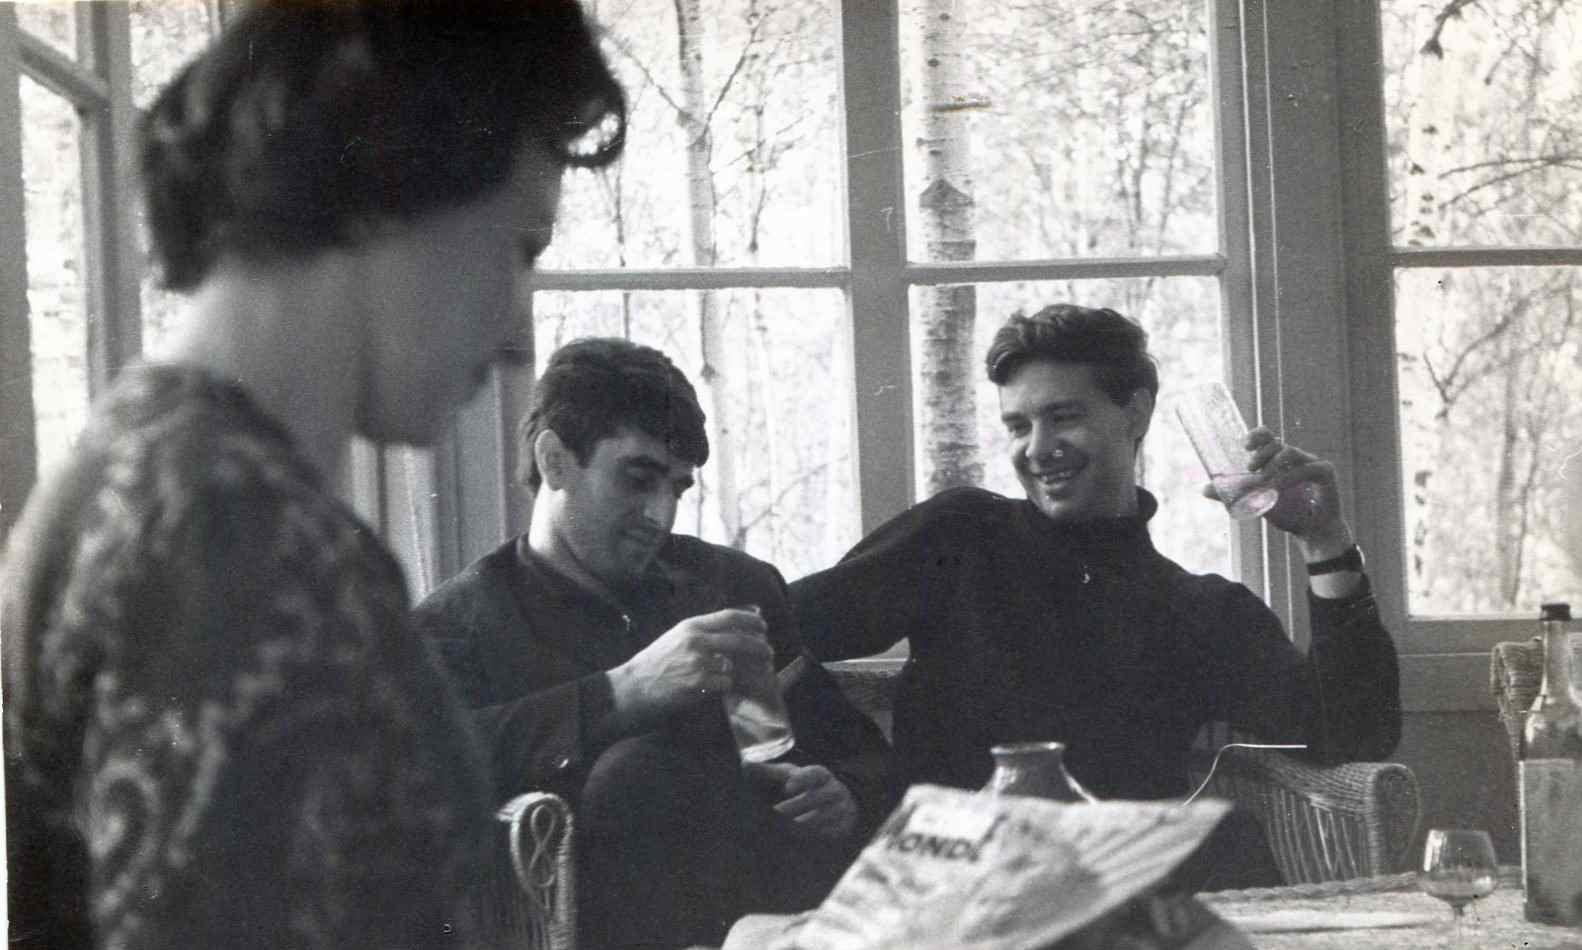 Экспонат #42. Молодые кинематографисты на даче уРомана Карменав Красной Пахре. 1964 год